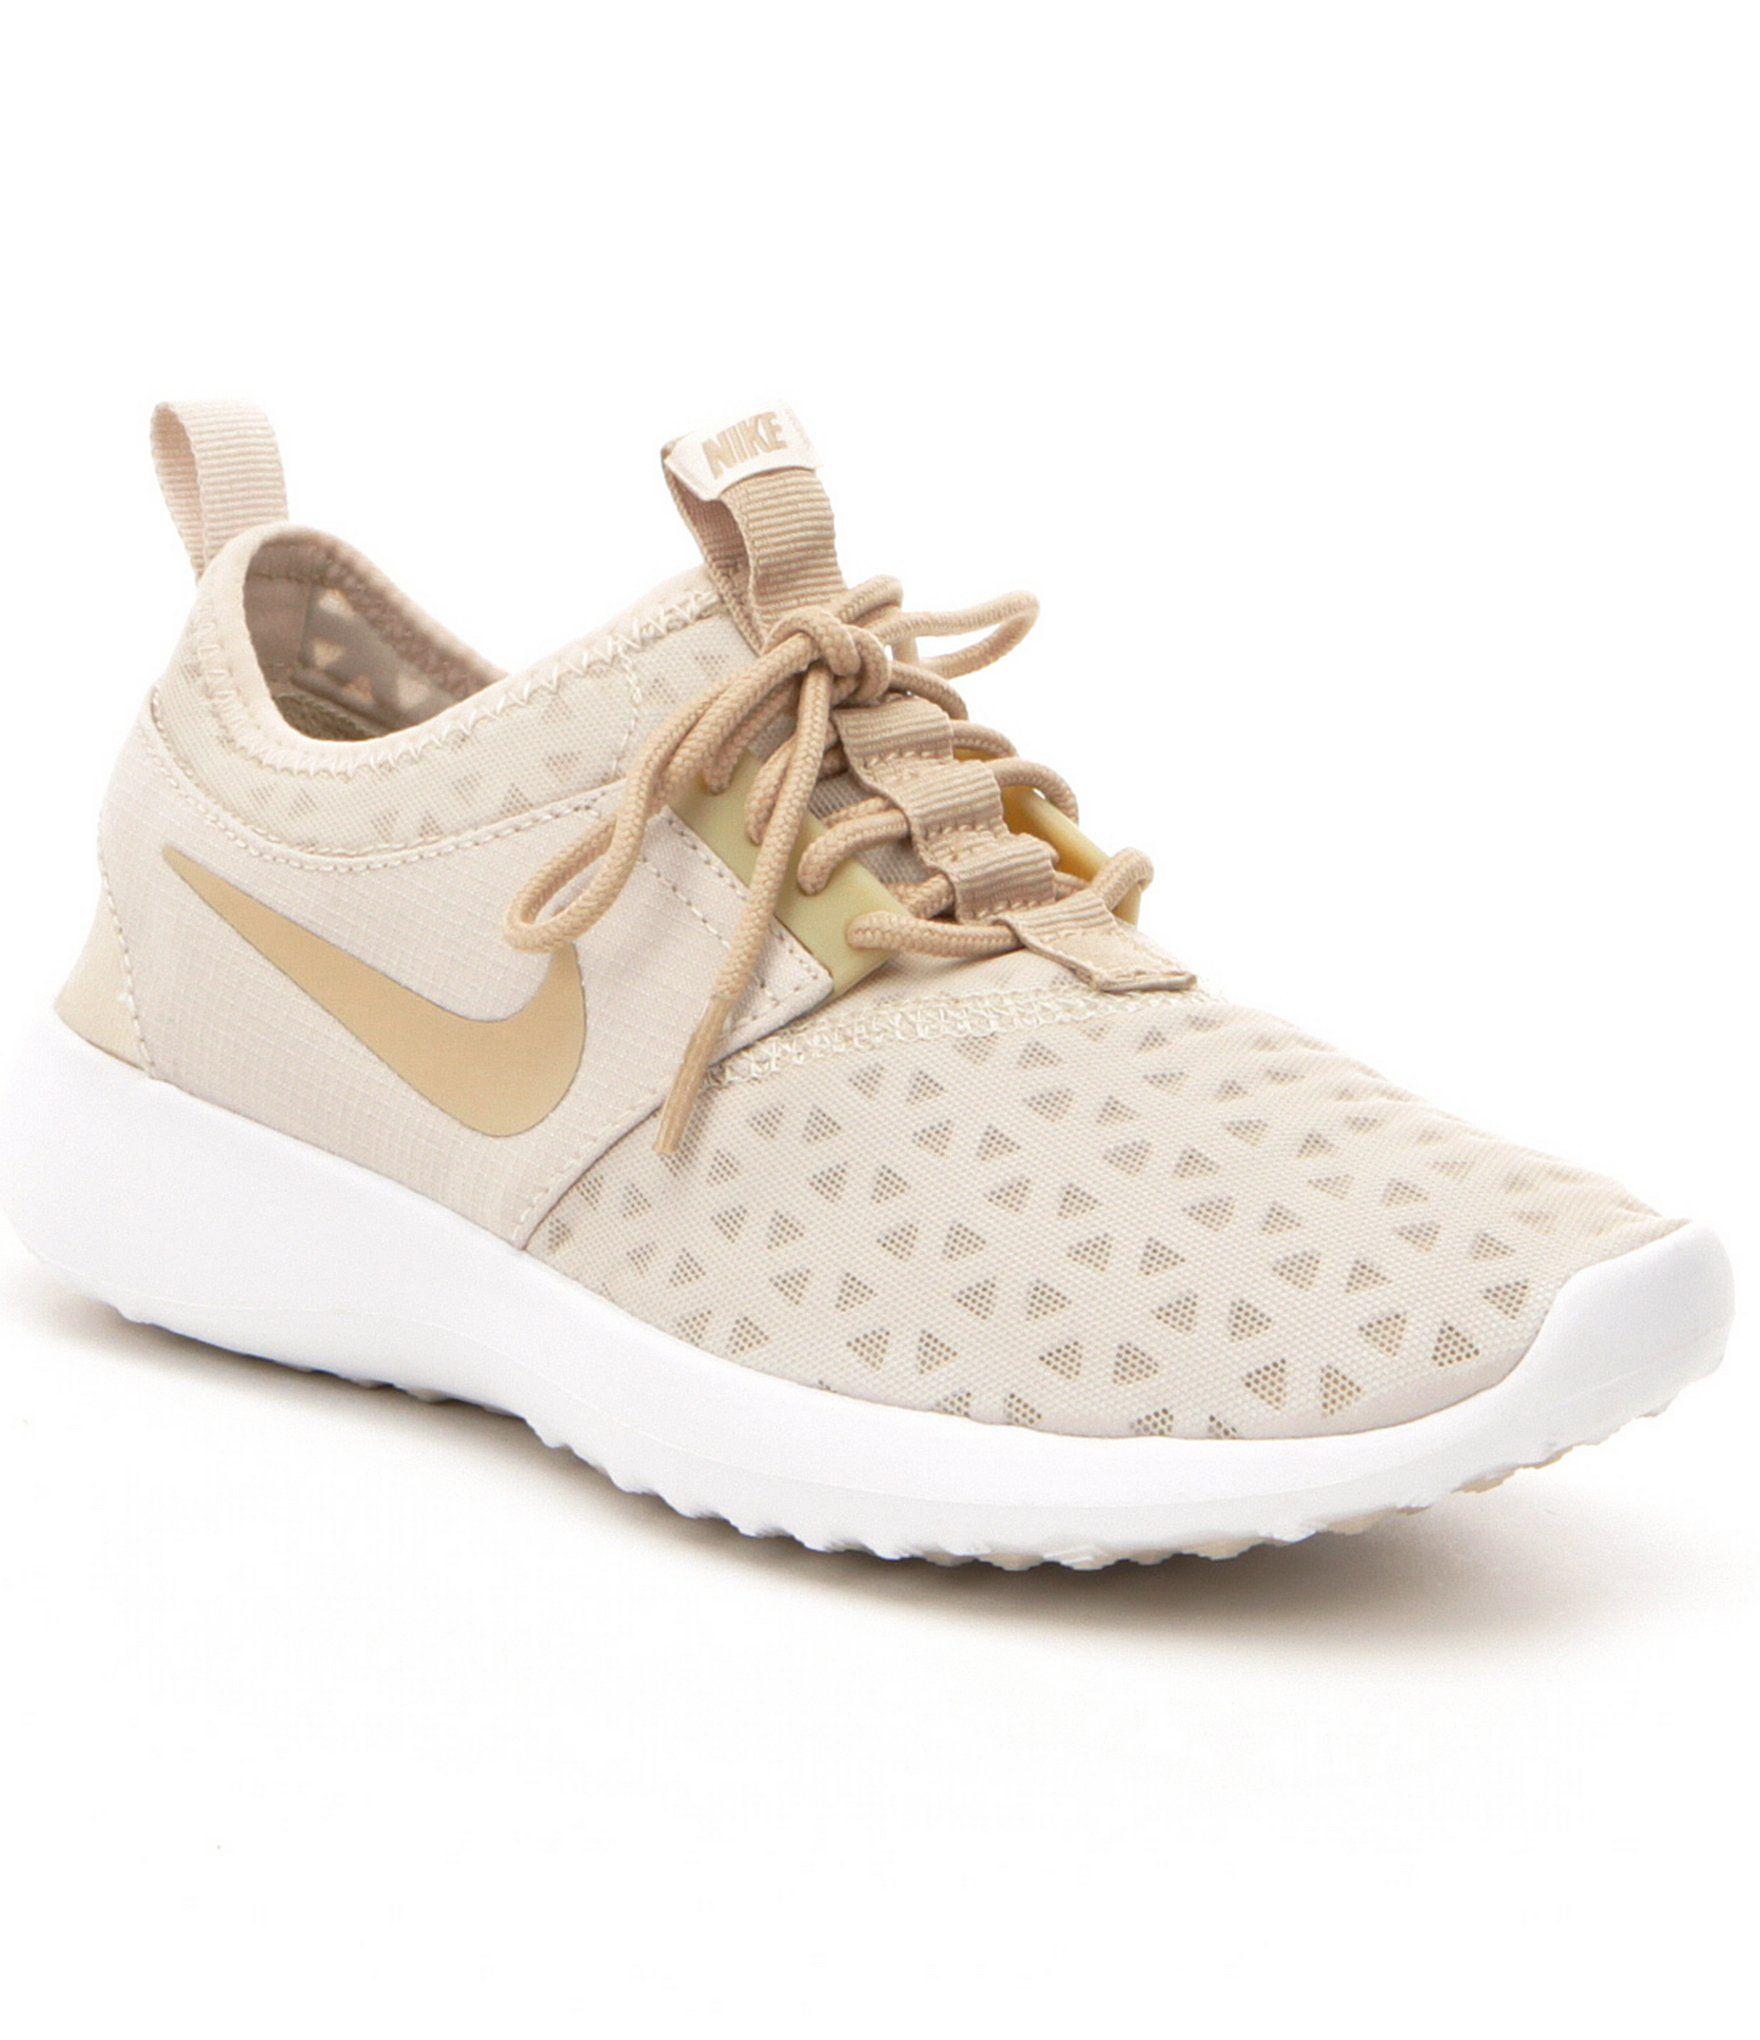 c56e09244fd3  Dillards size 7 pleaseee Tennis Shoes Women